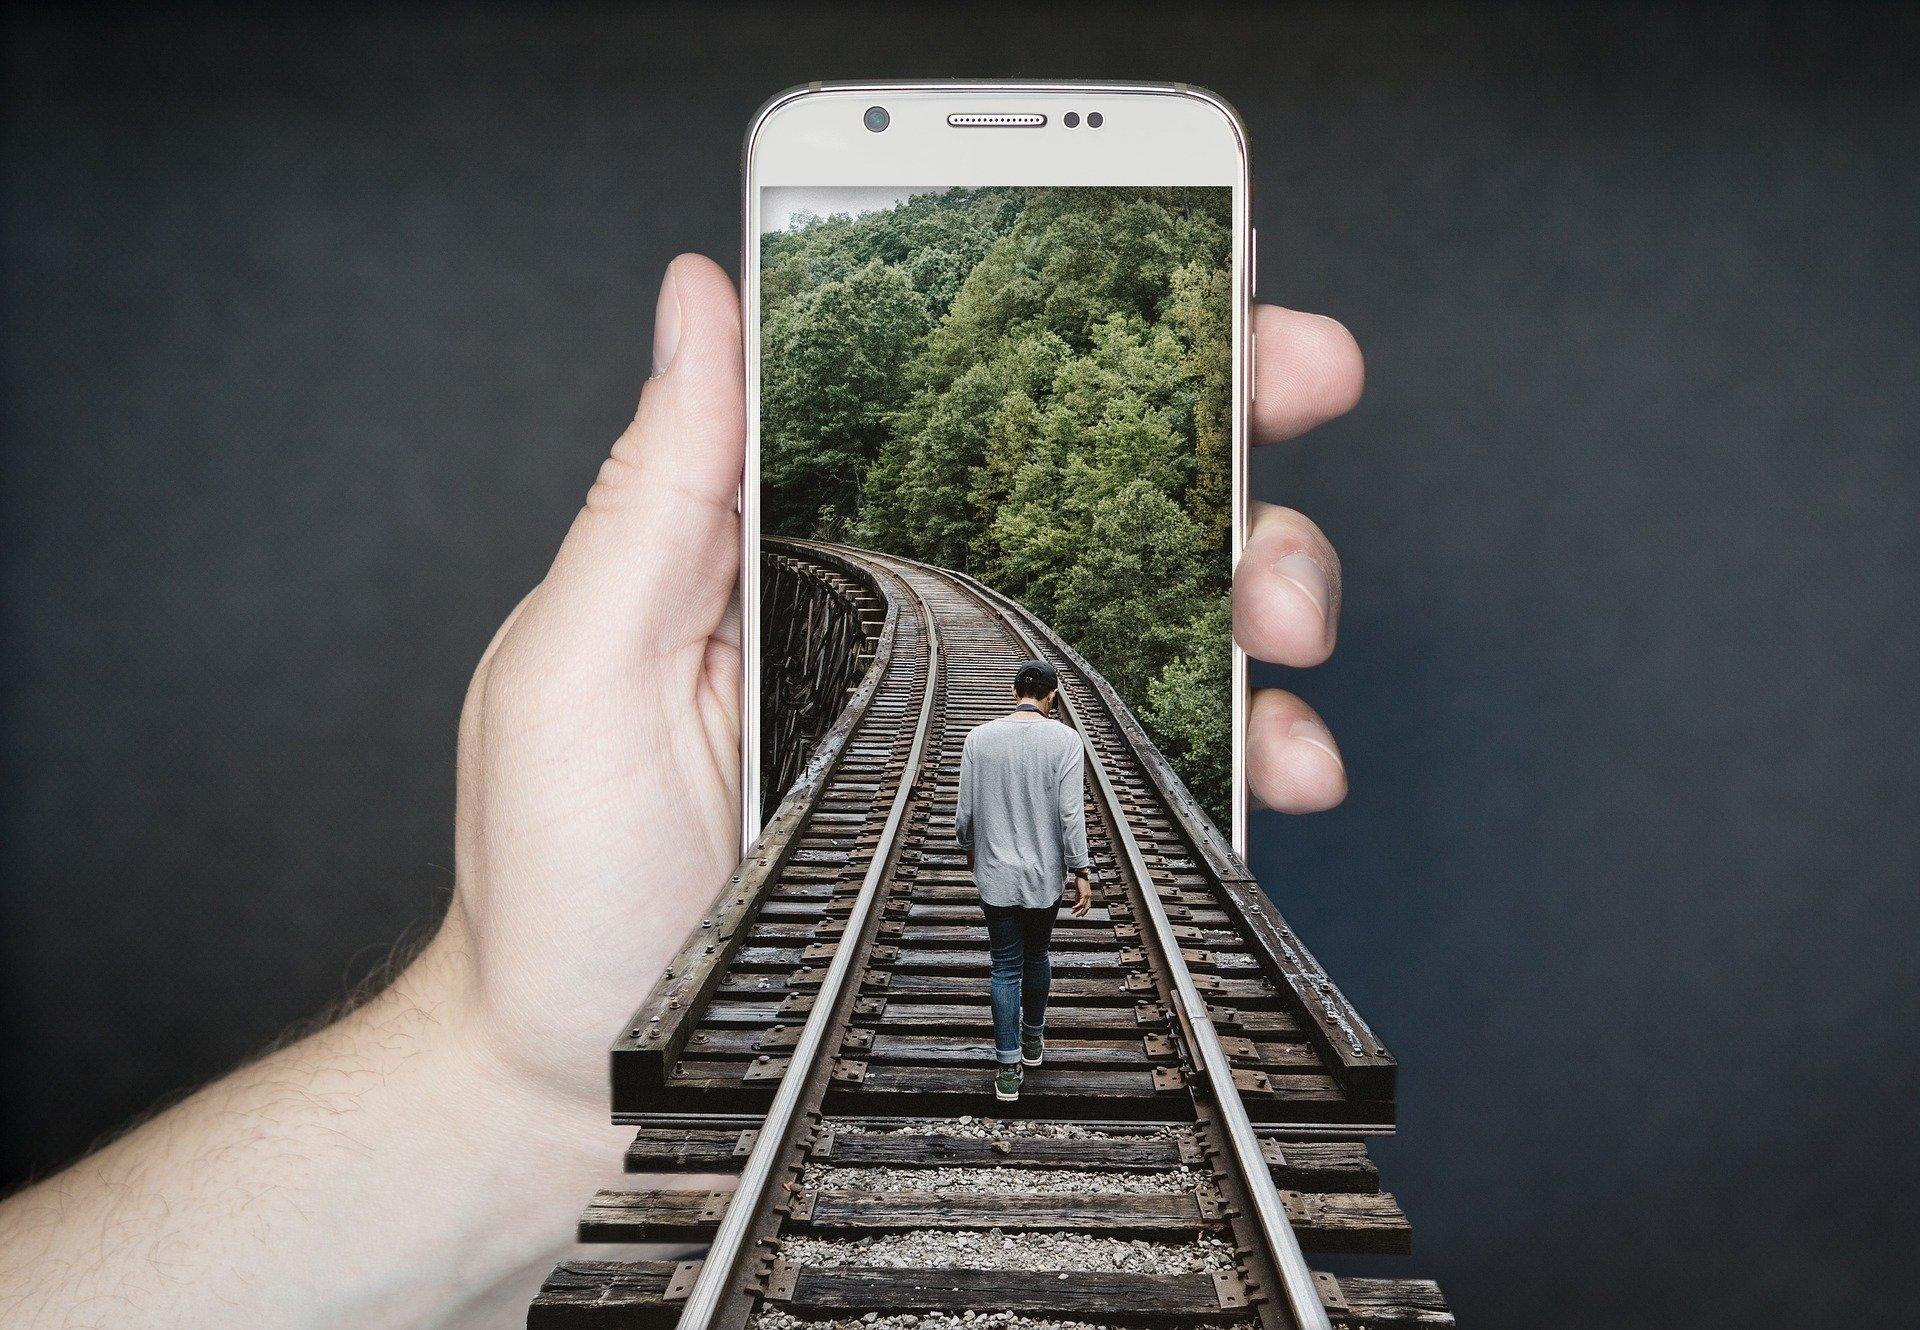 Pessoa segurando celular com desenho 3D de homem caminhando em trilho de trem saindo da tela do celular